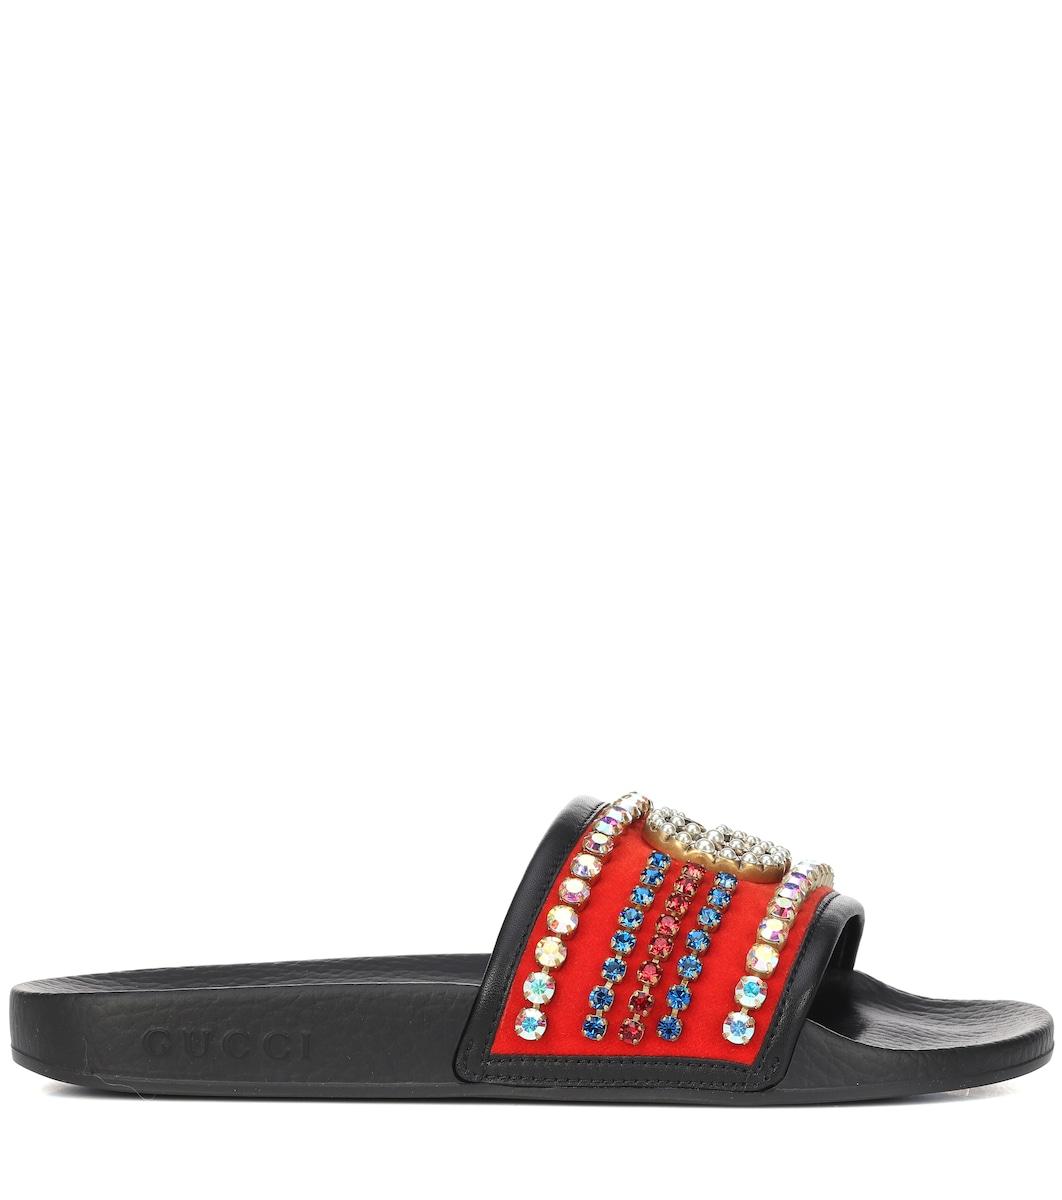 554e90973 Gucci - Crystal embellished slides | Mytheresa